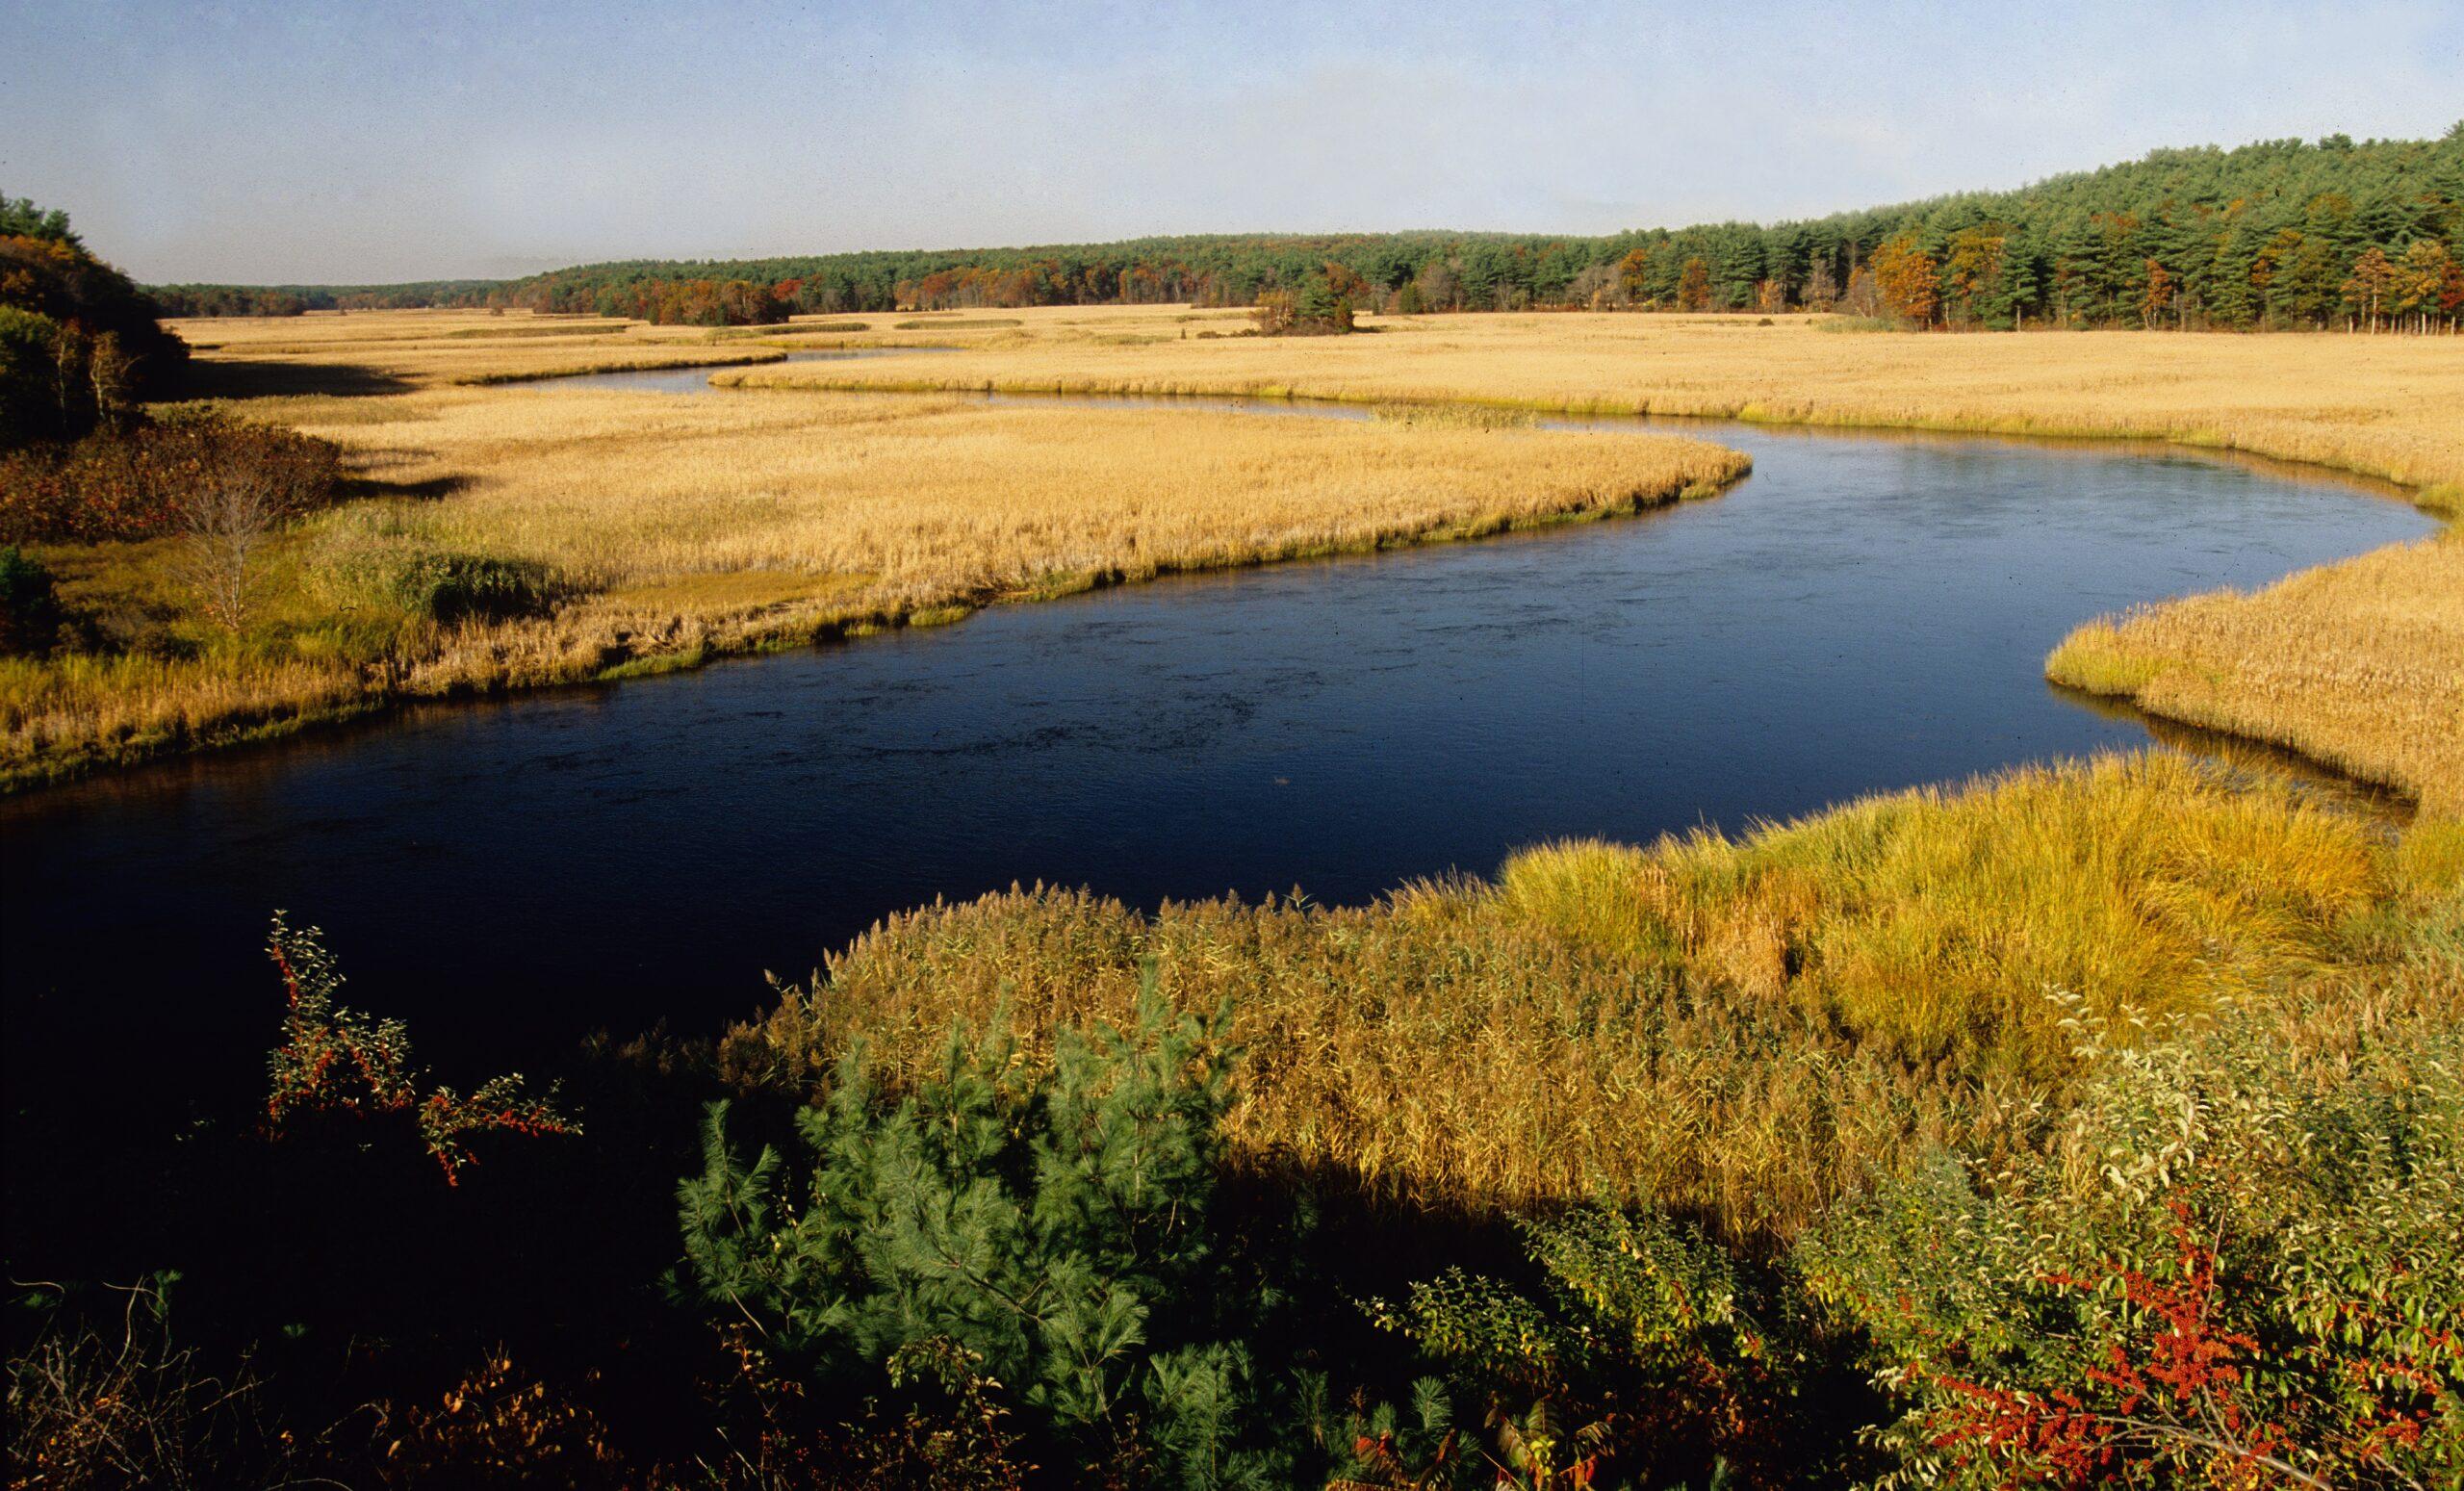 Winding tidal river among marsh grasses